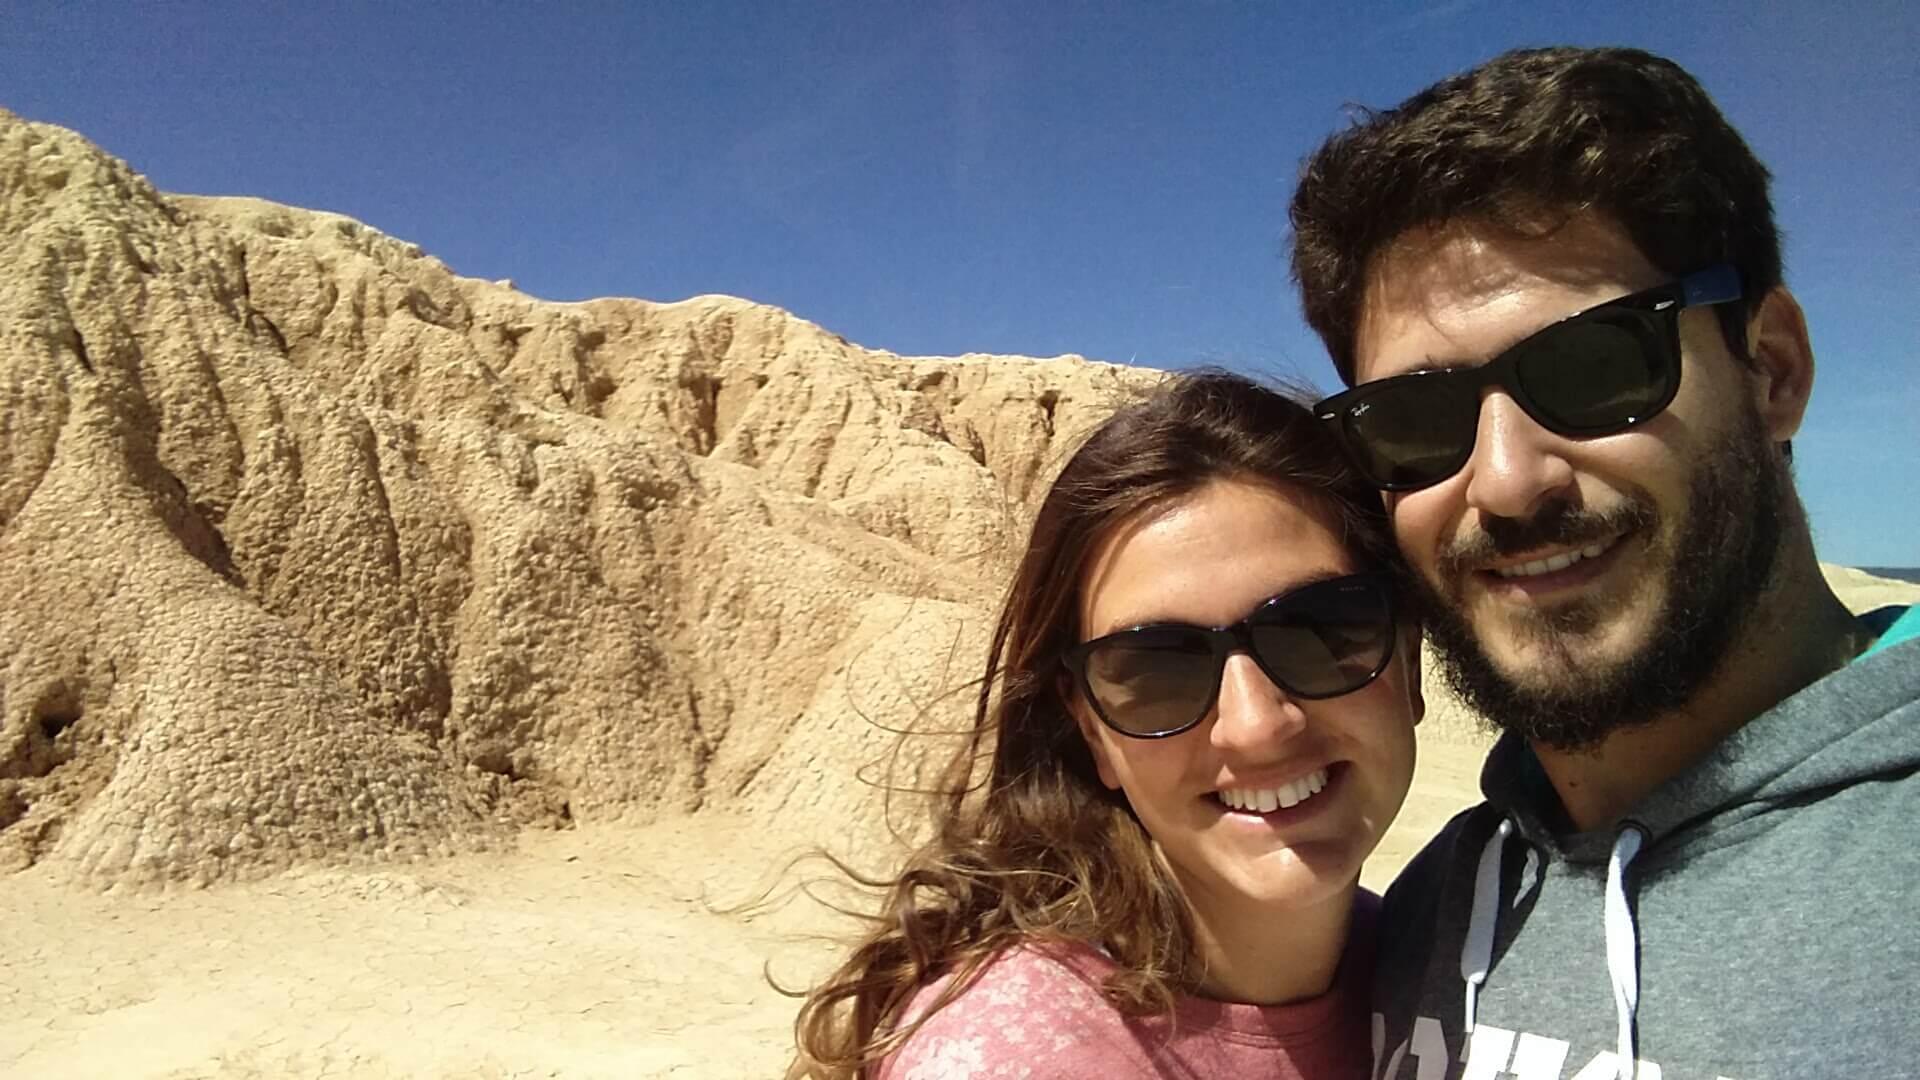 En el Desierto de Navarra, marzo 2016